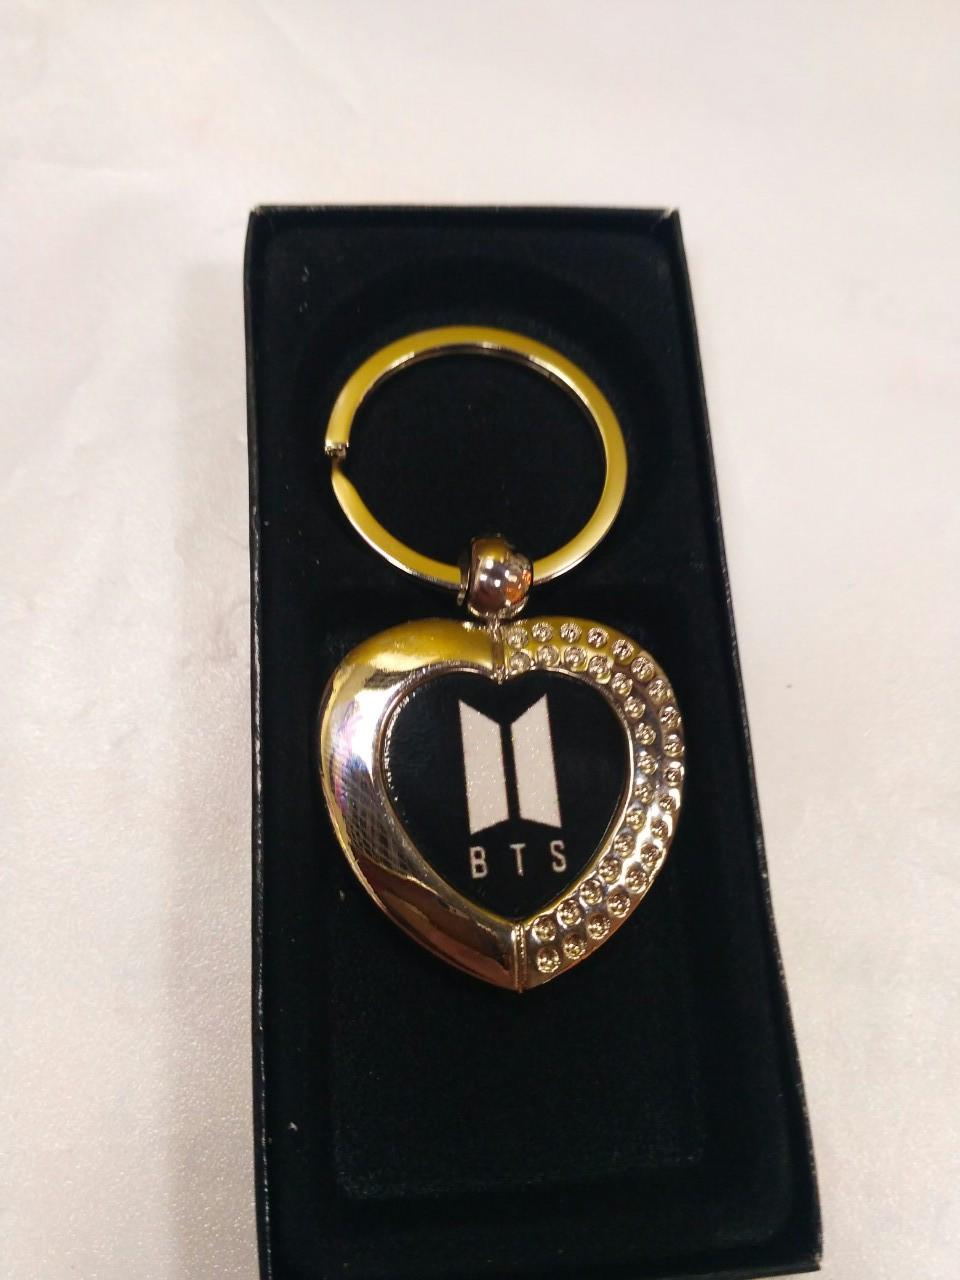 Брелок BTS металлический в форме сердца